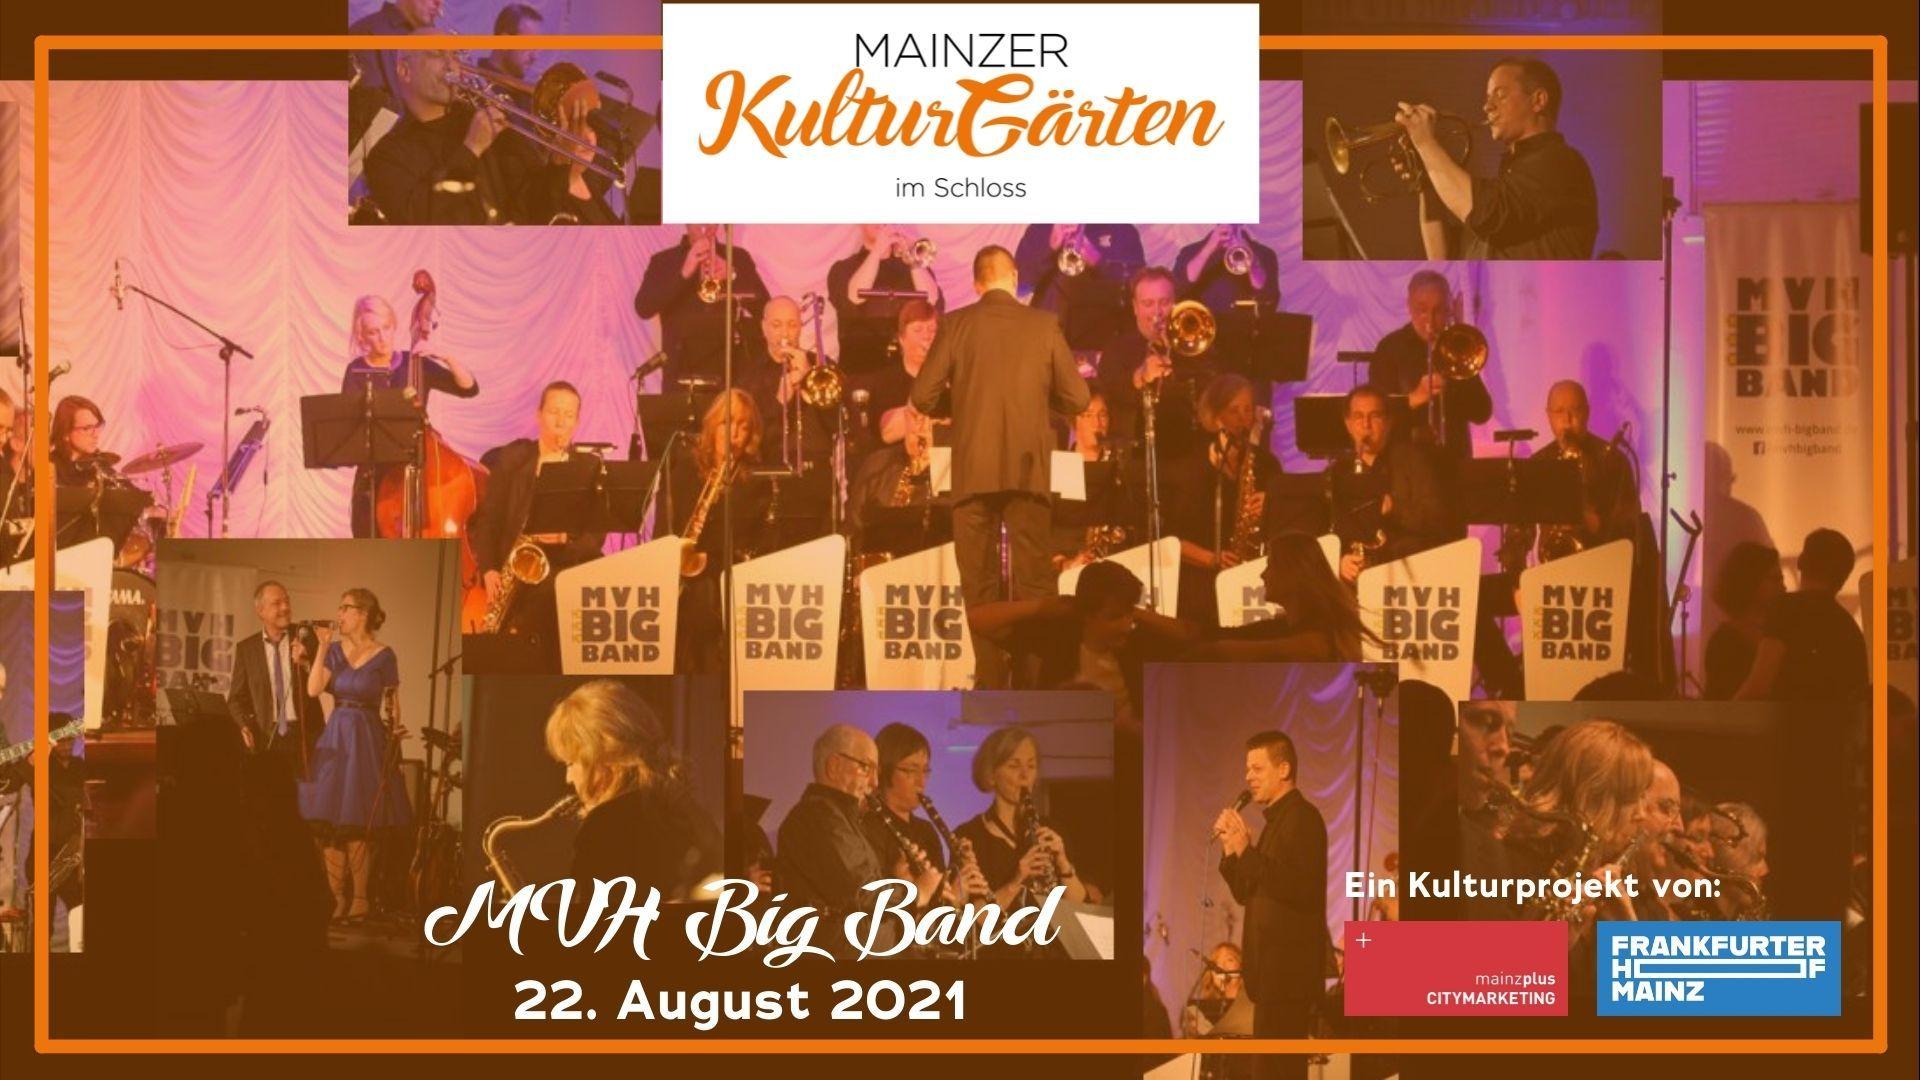 MVH Bigband im Kulturgarten